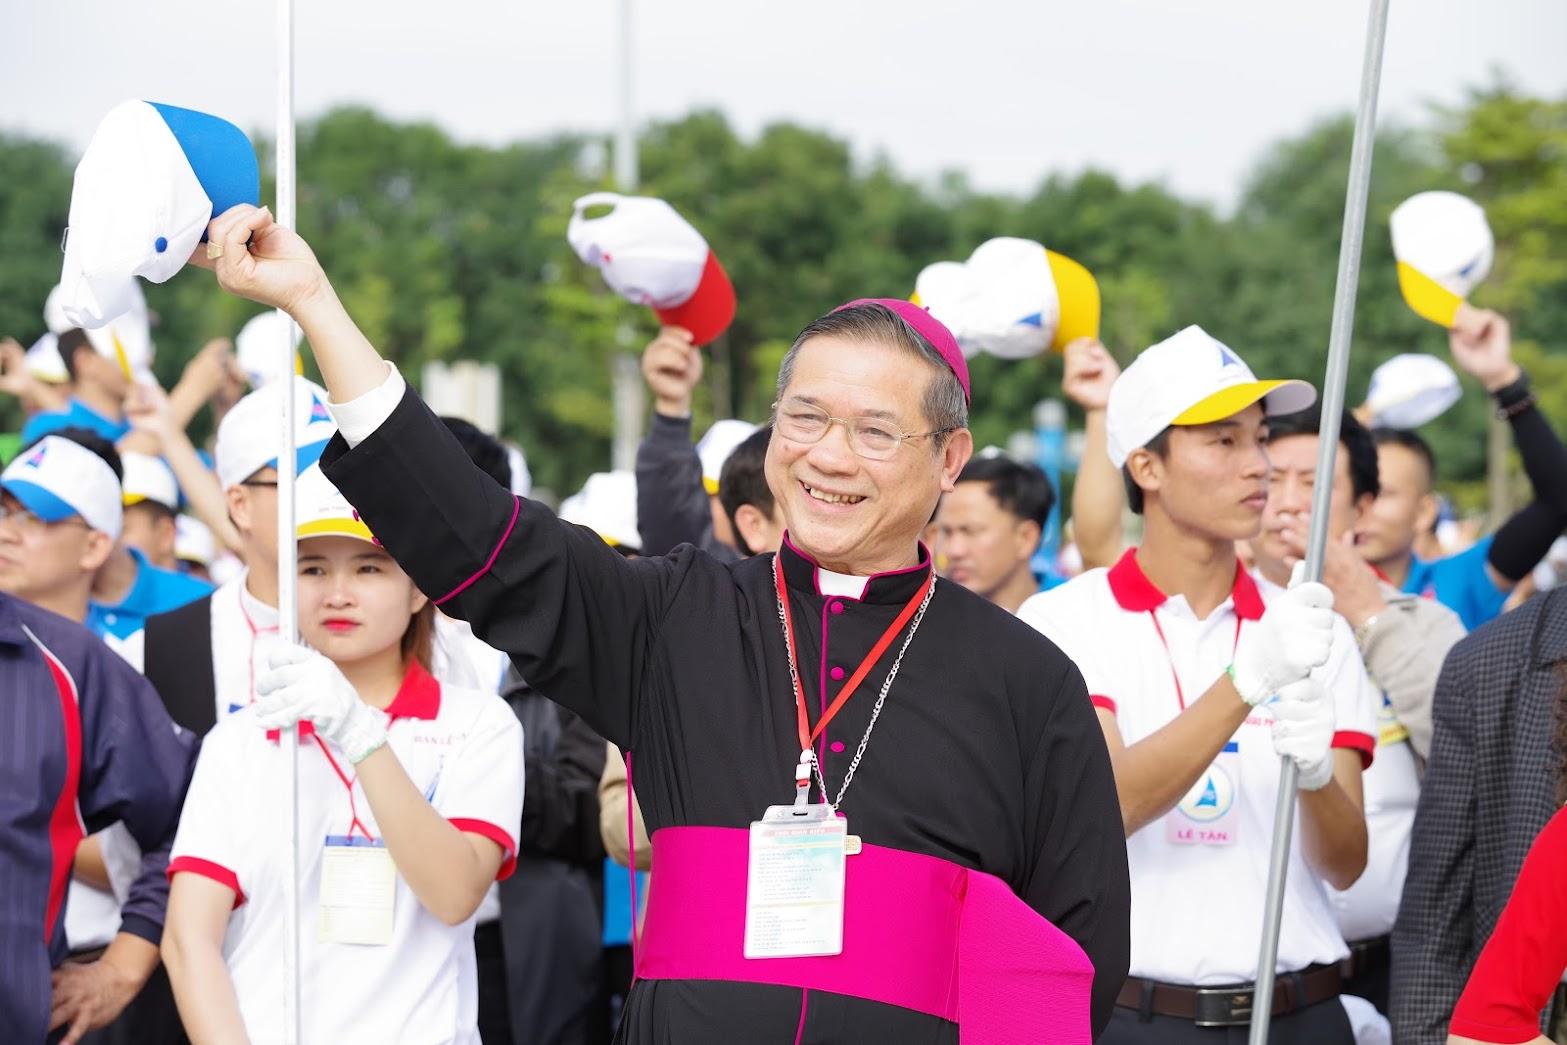 Những hình ảnh đẹp về lễ khai mạc Đại Hội Giới Trẻ giáo tỉnh Hà Nội lần thứ XV tại Thanh Hóa - Ảnh minh hoạ 27